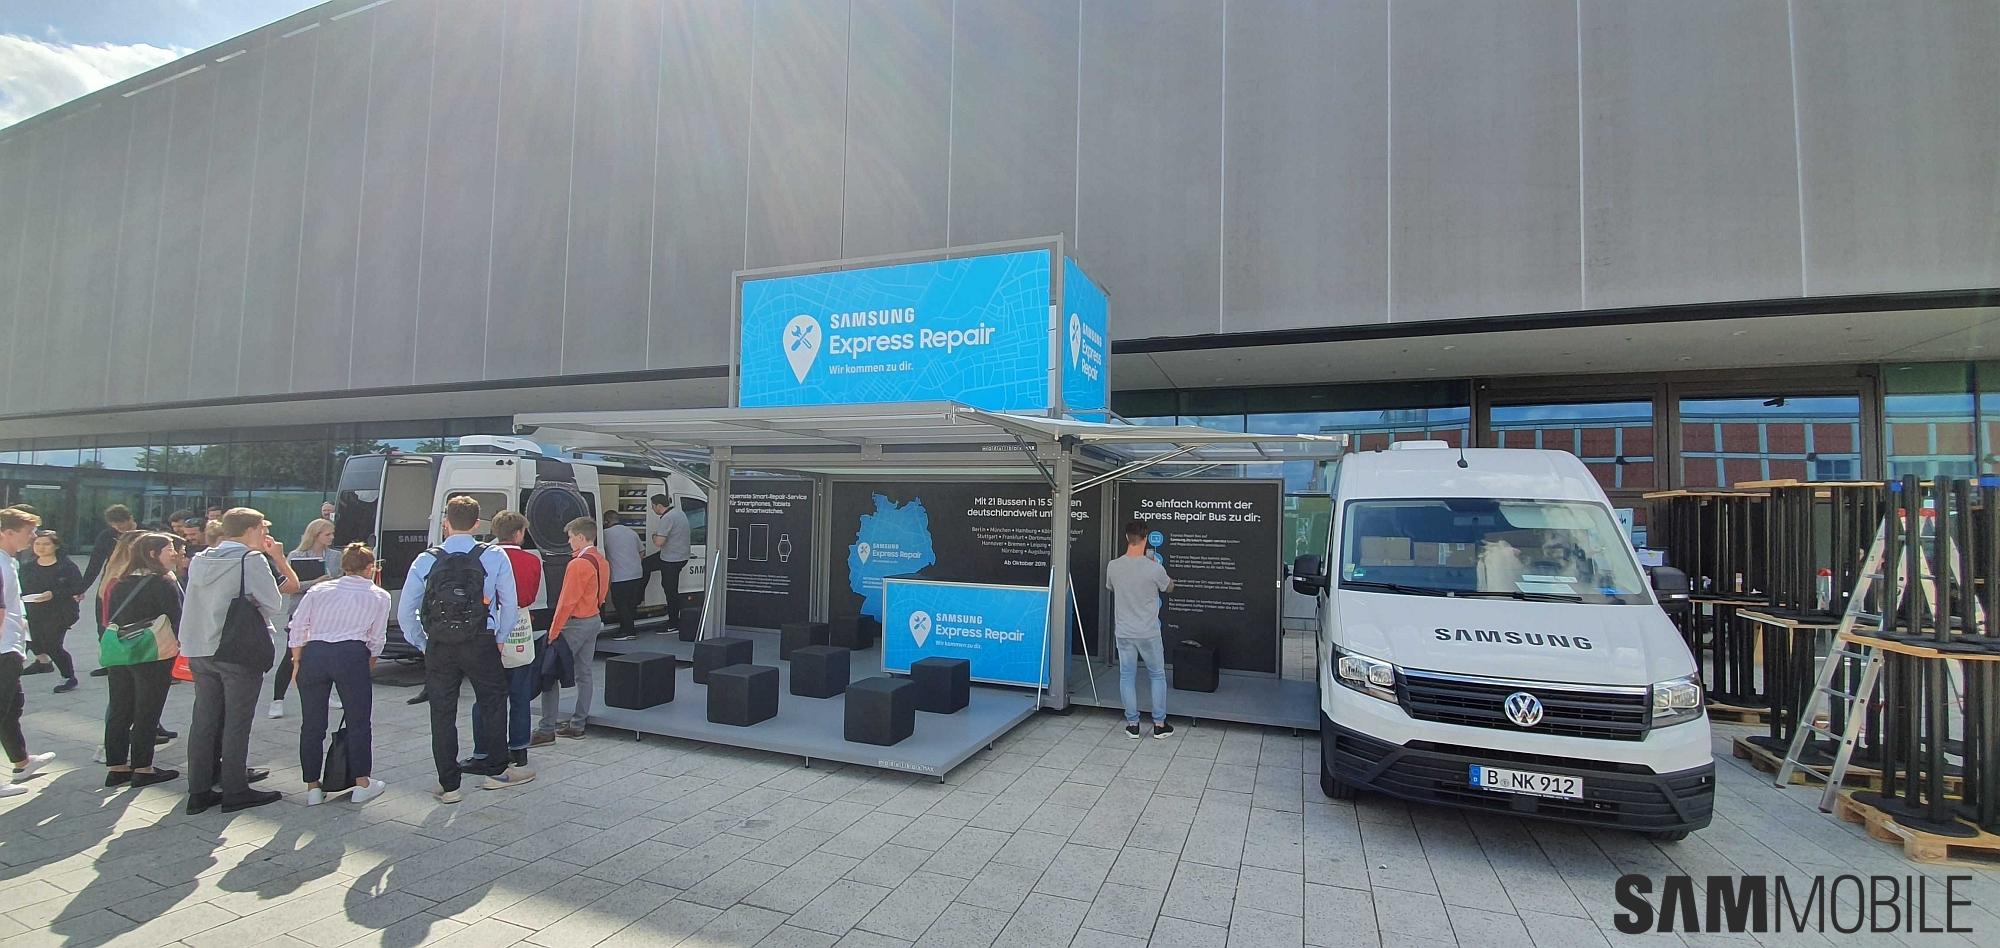 Samsung Mobile Deutschland